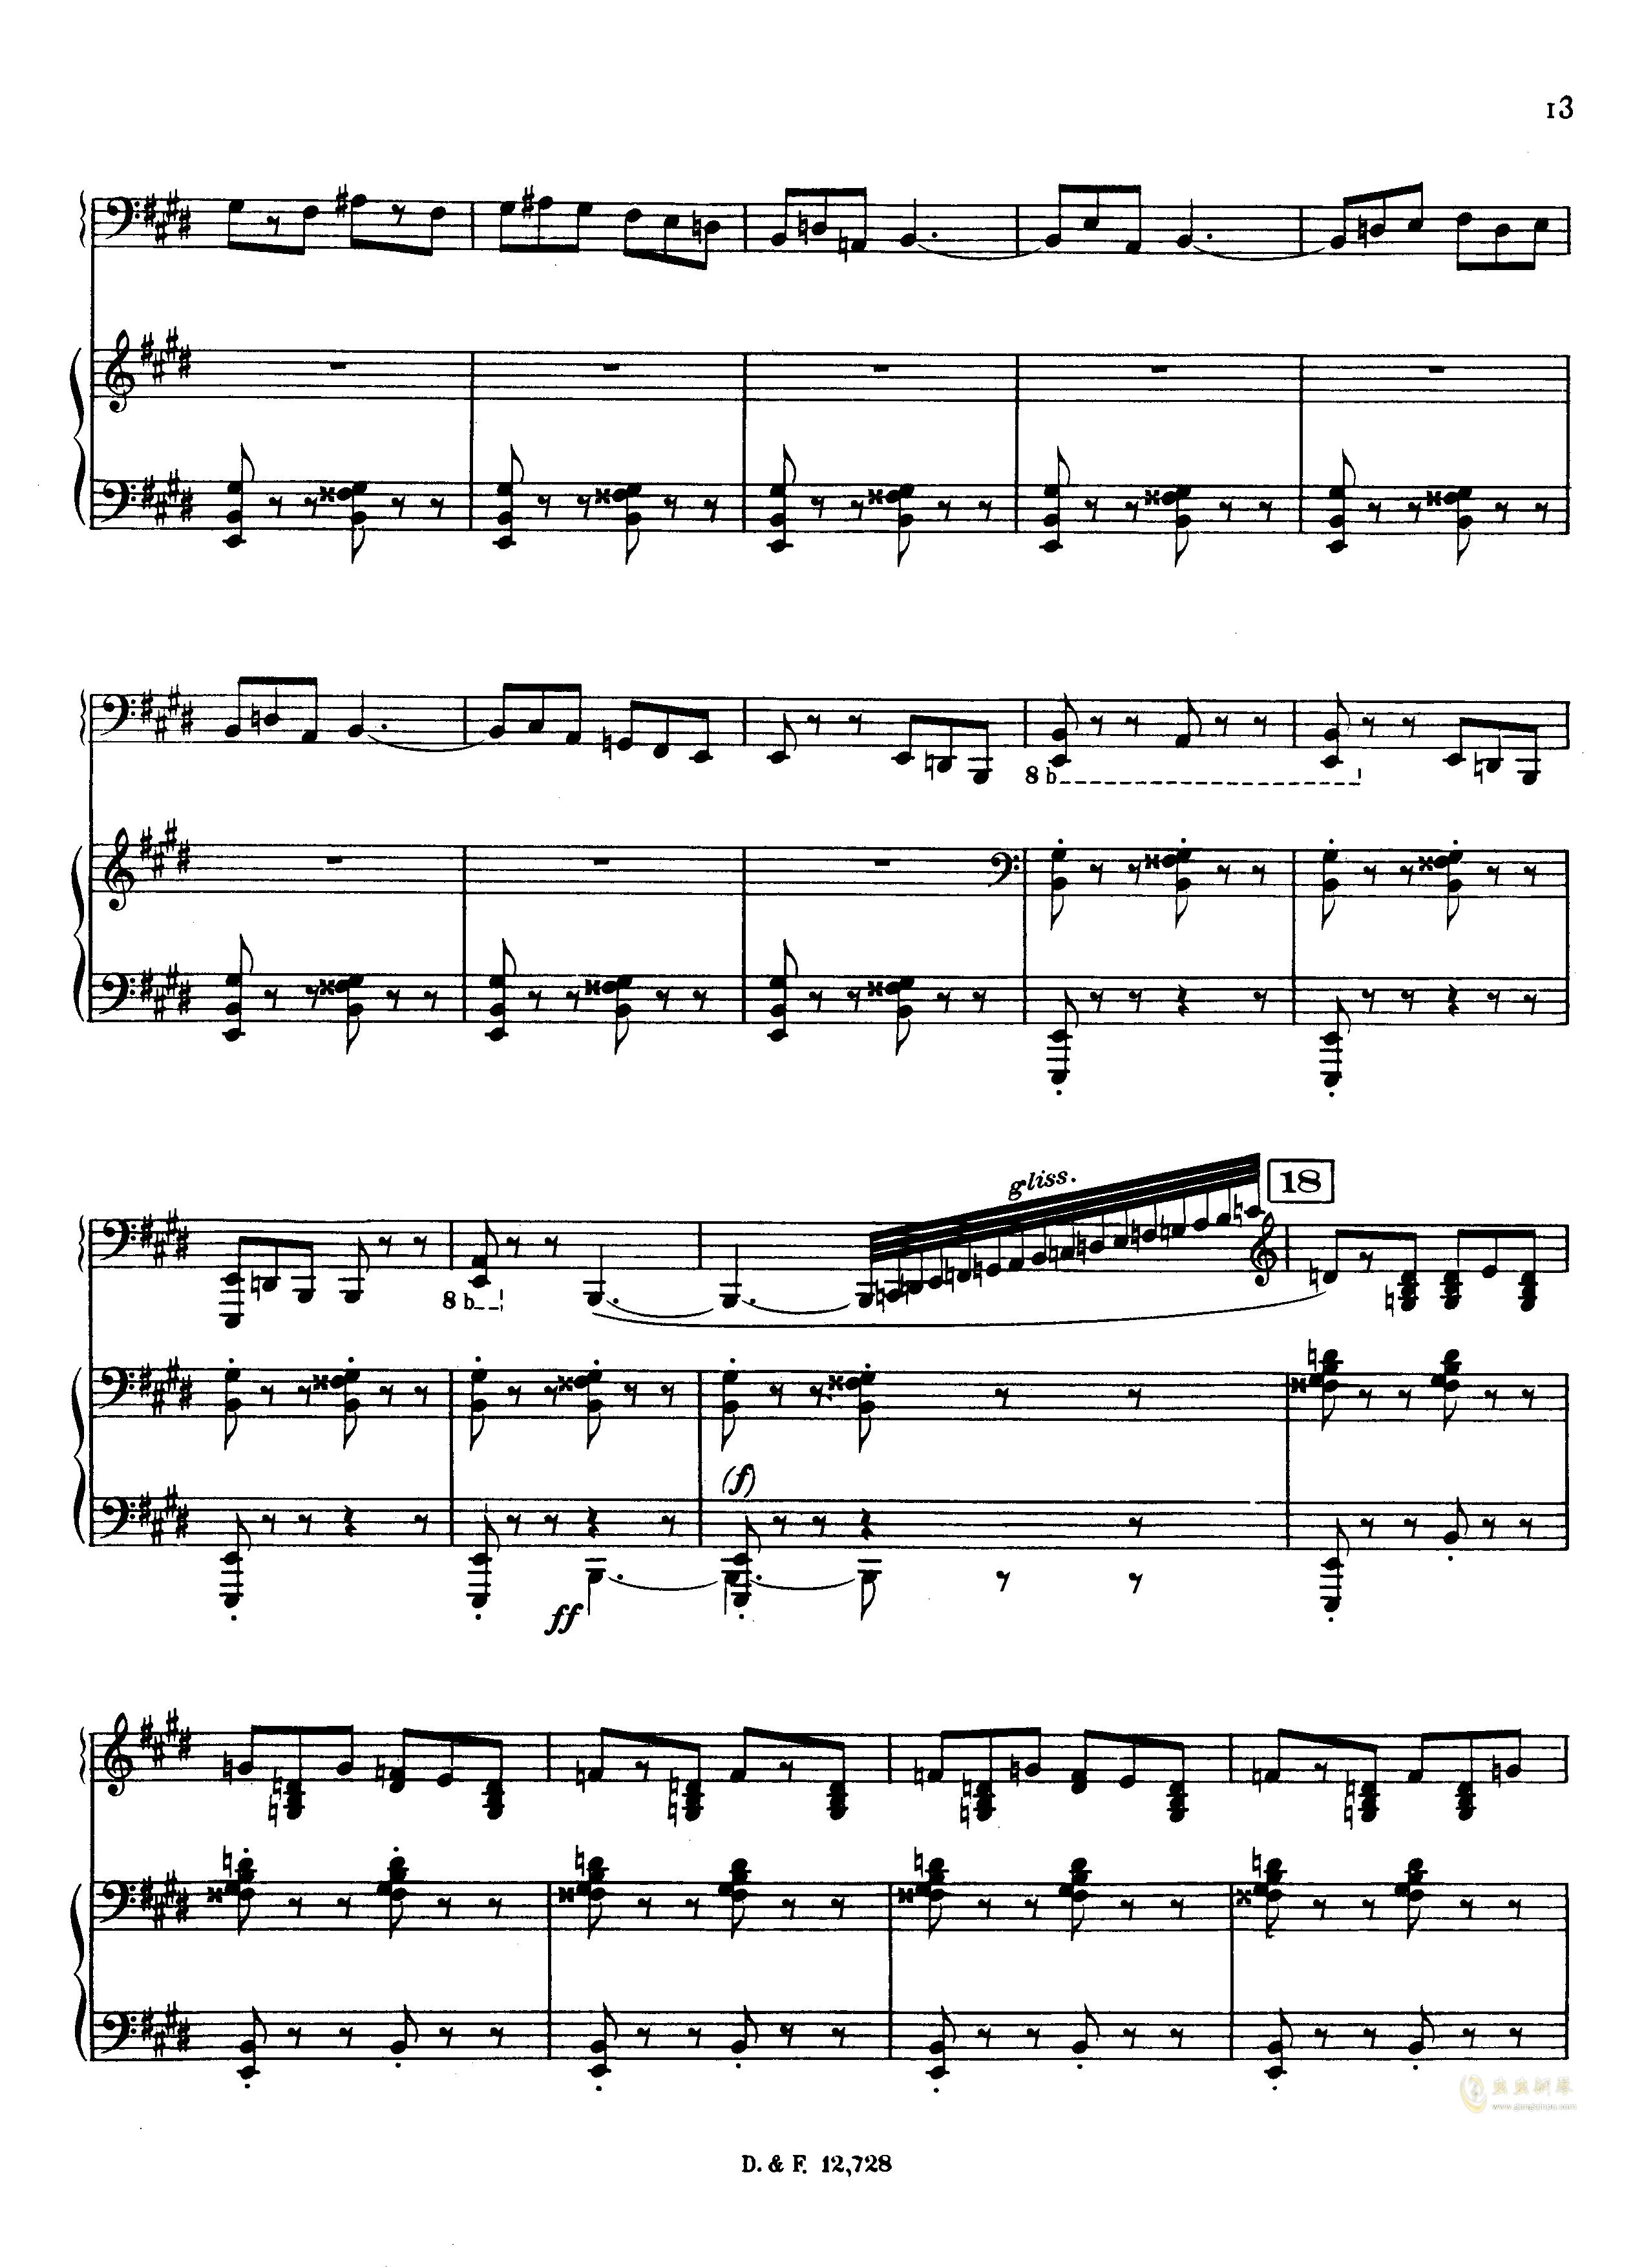 左手钢琴协奏曲钢琴谱 第13页